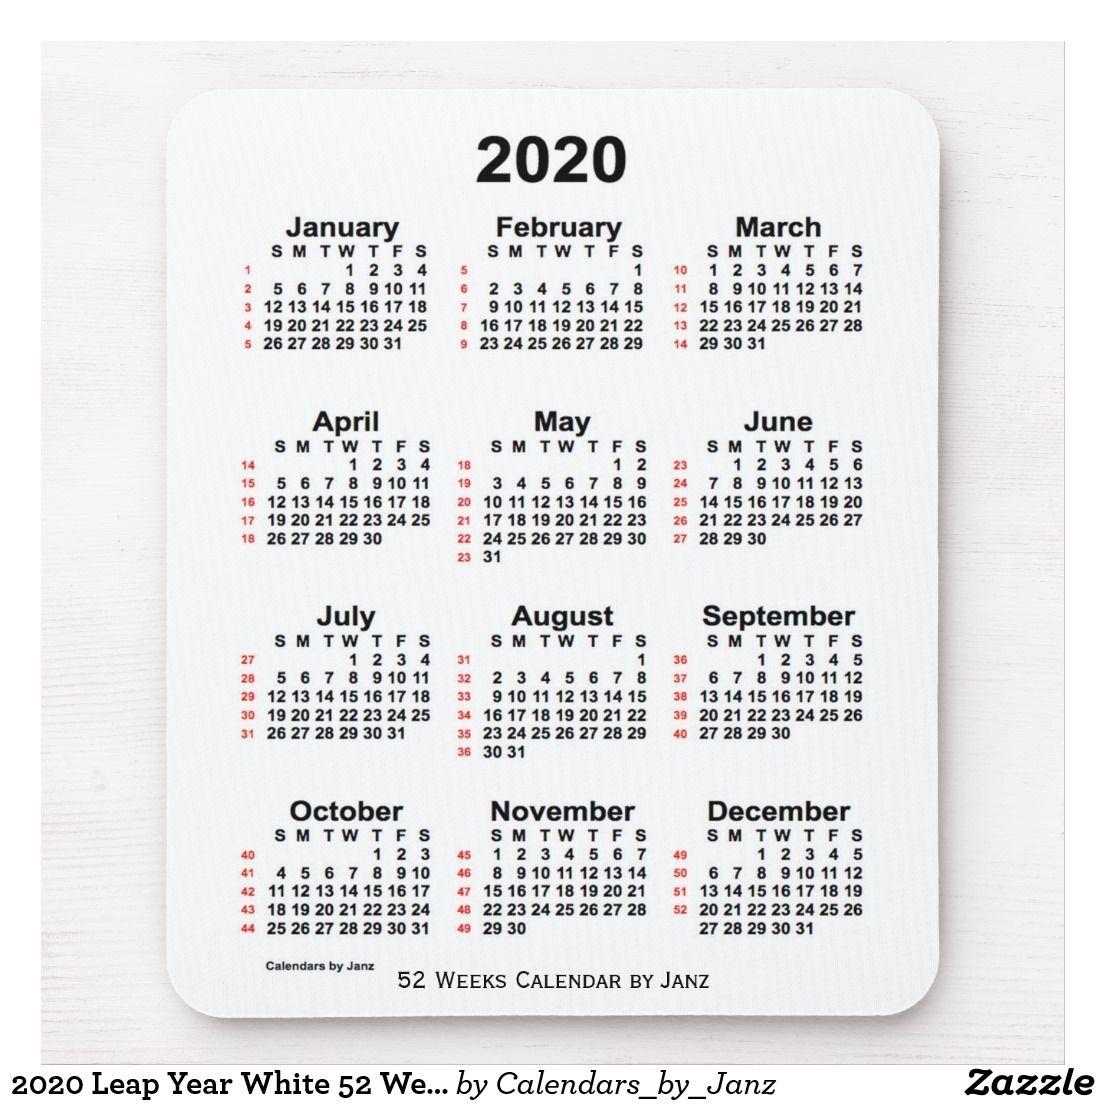 2020 Leap Year White 52 Week Calendarjanz Mouse Pad